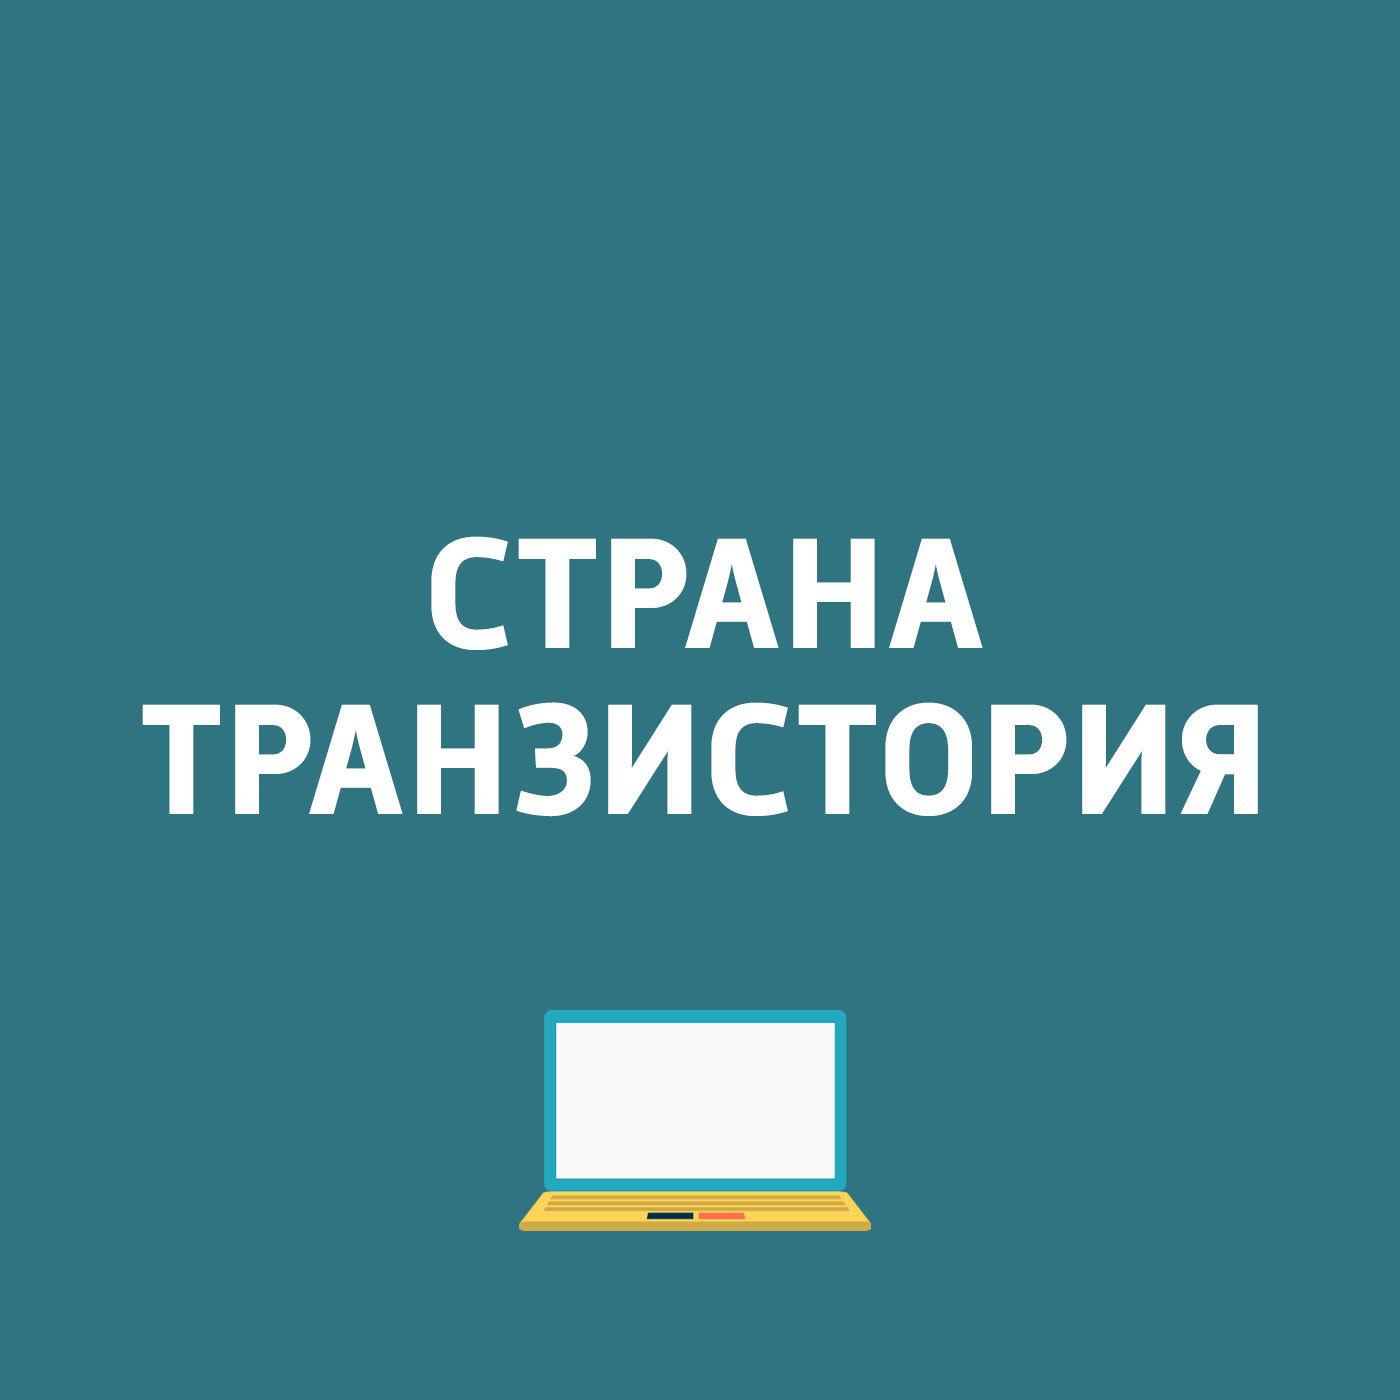 Картаев Павел Старт продаж в России Galaxy J4 и Galaxy J6; Apple закрыла лазейки, позволявшие взламывать iPhone; Завершилась выставка Е3 стилус other apple ipad samsung galaxy s3 i9300 21 eg0628